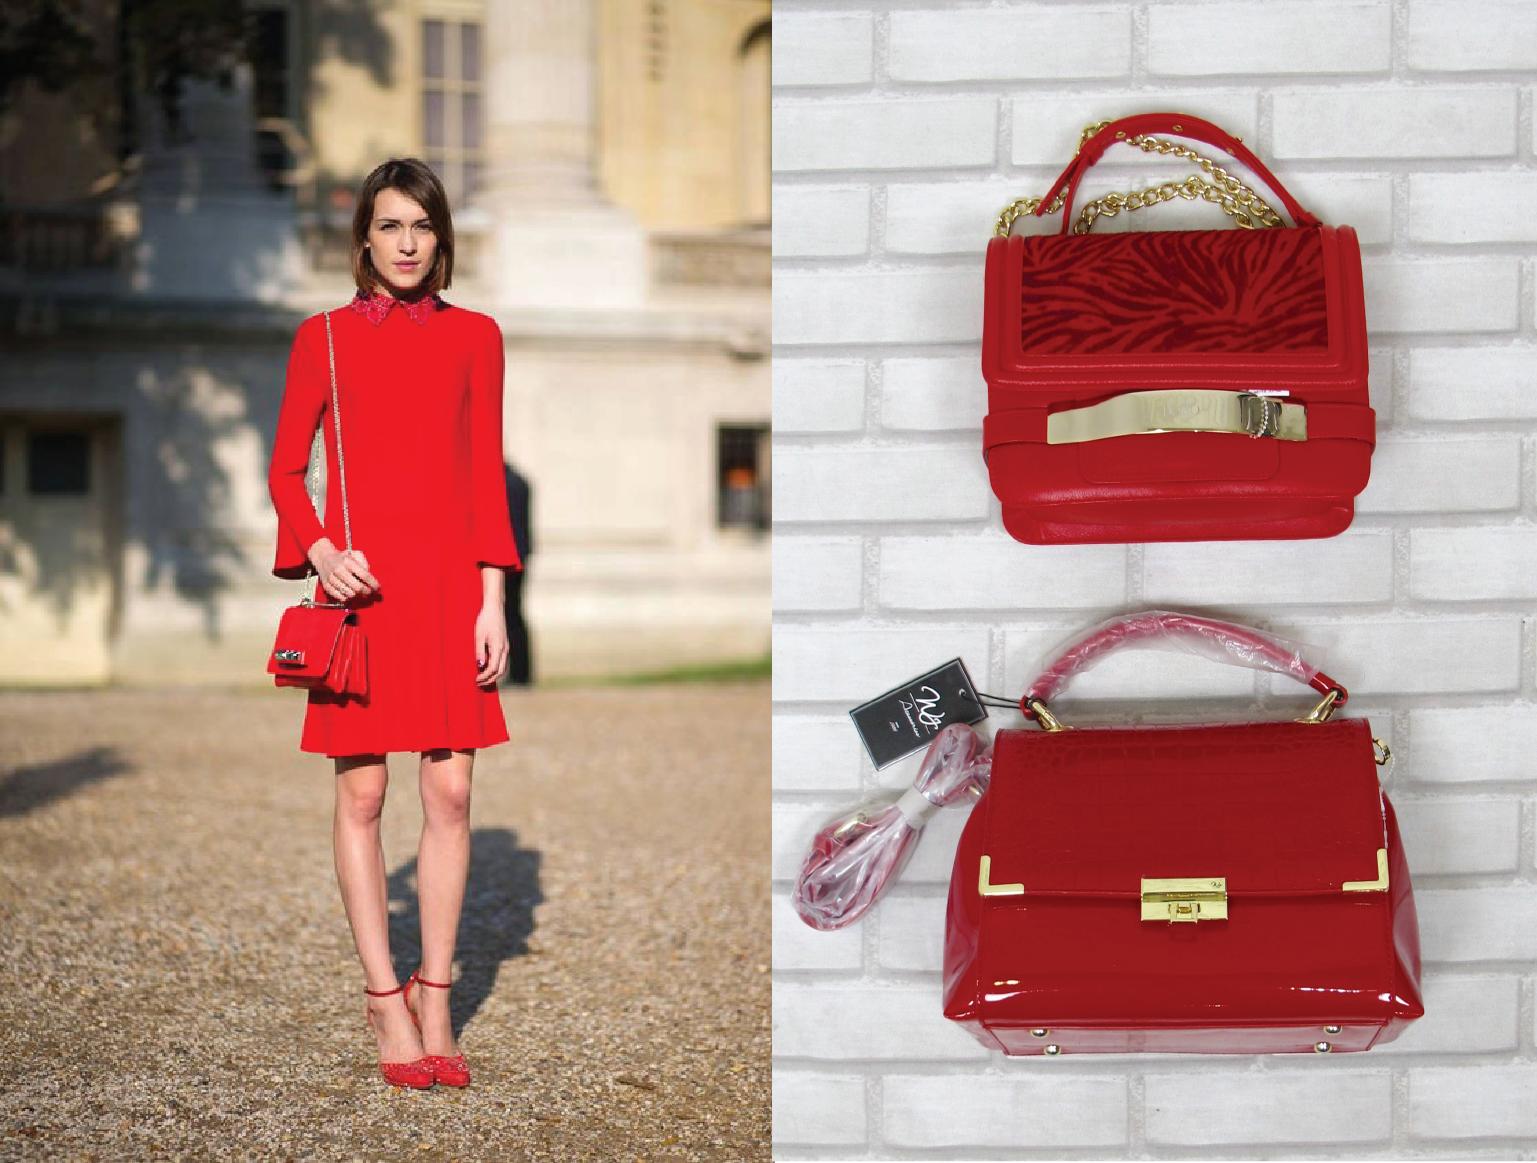 Bolsa Do Olho Vermelha : Bolsa vermelha pequena dica look como usar basico preto